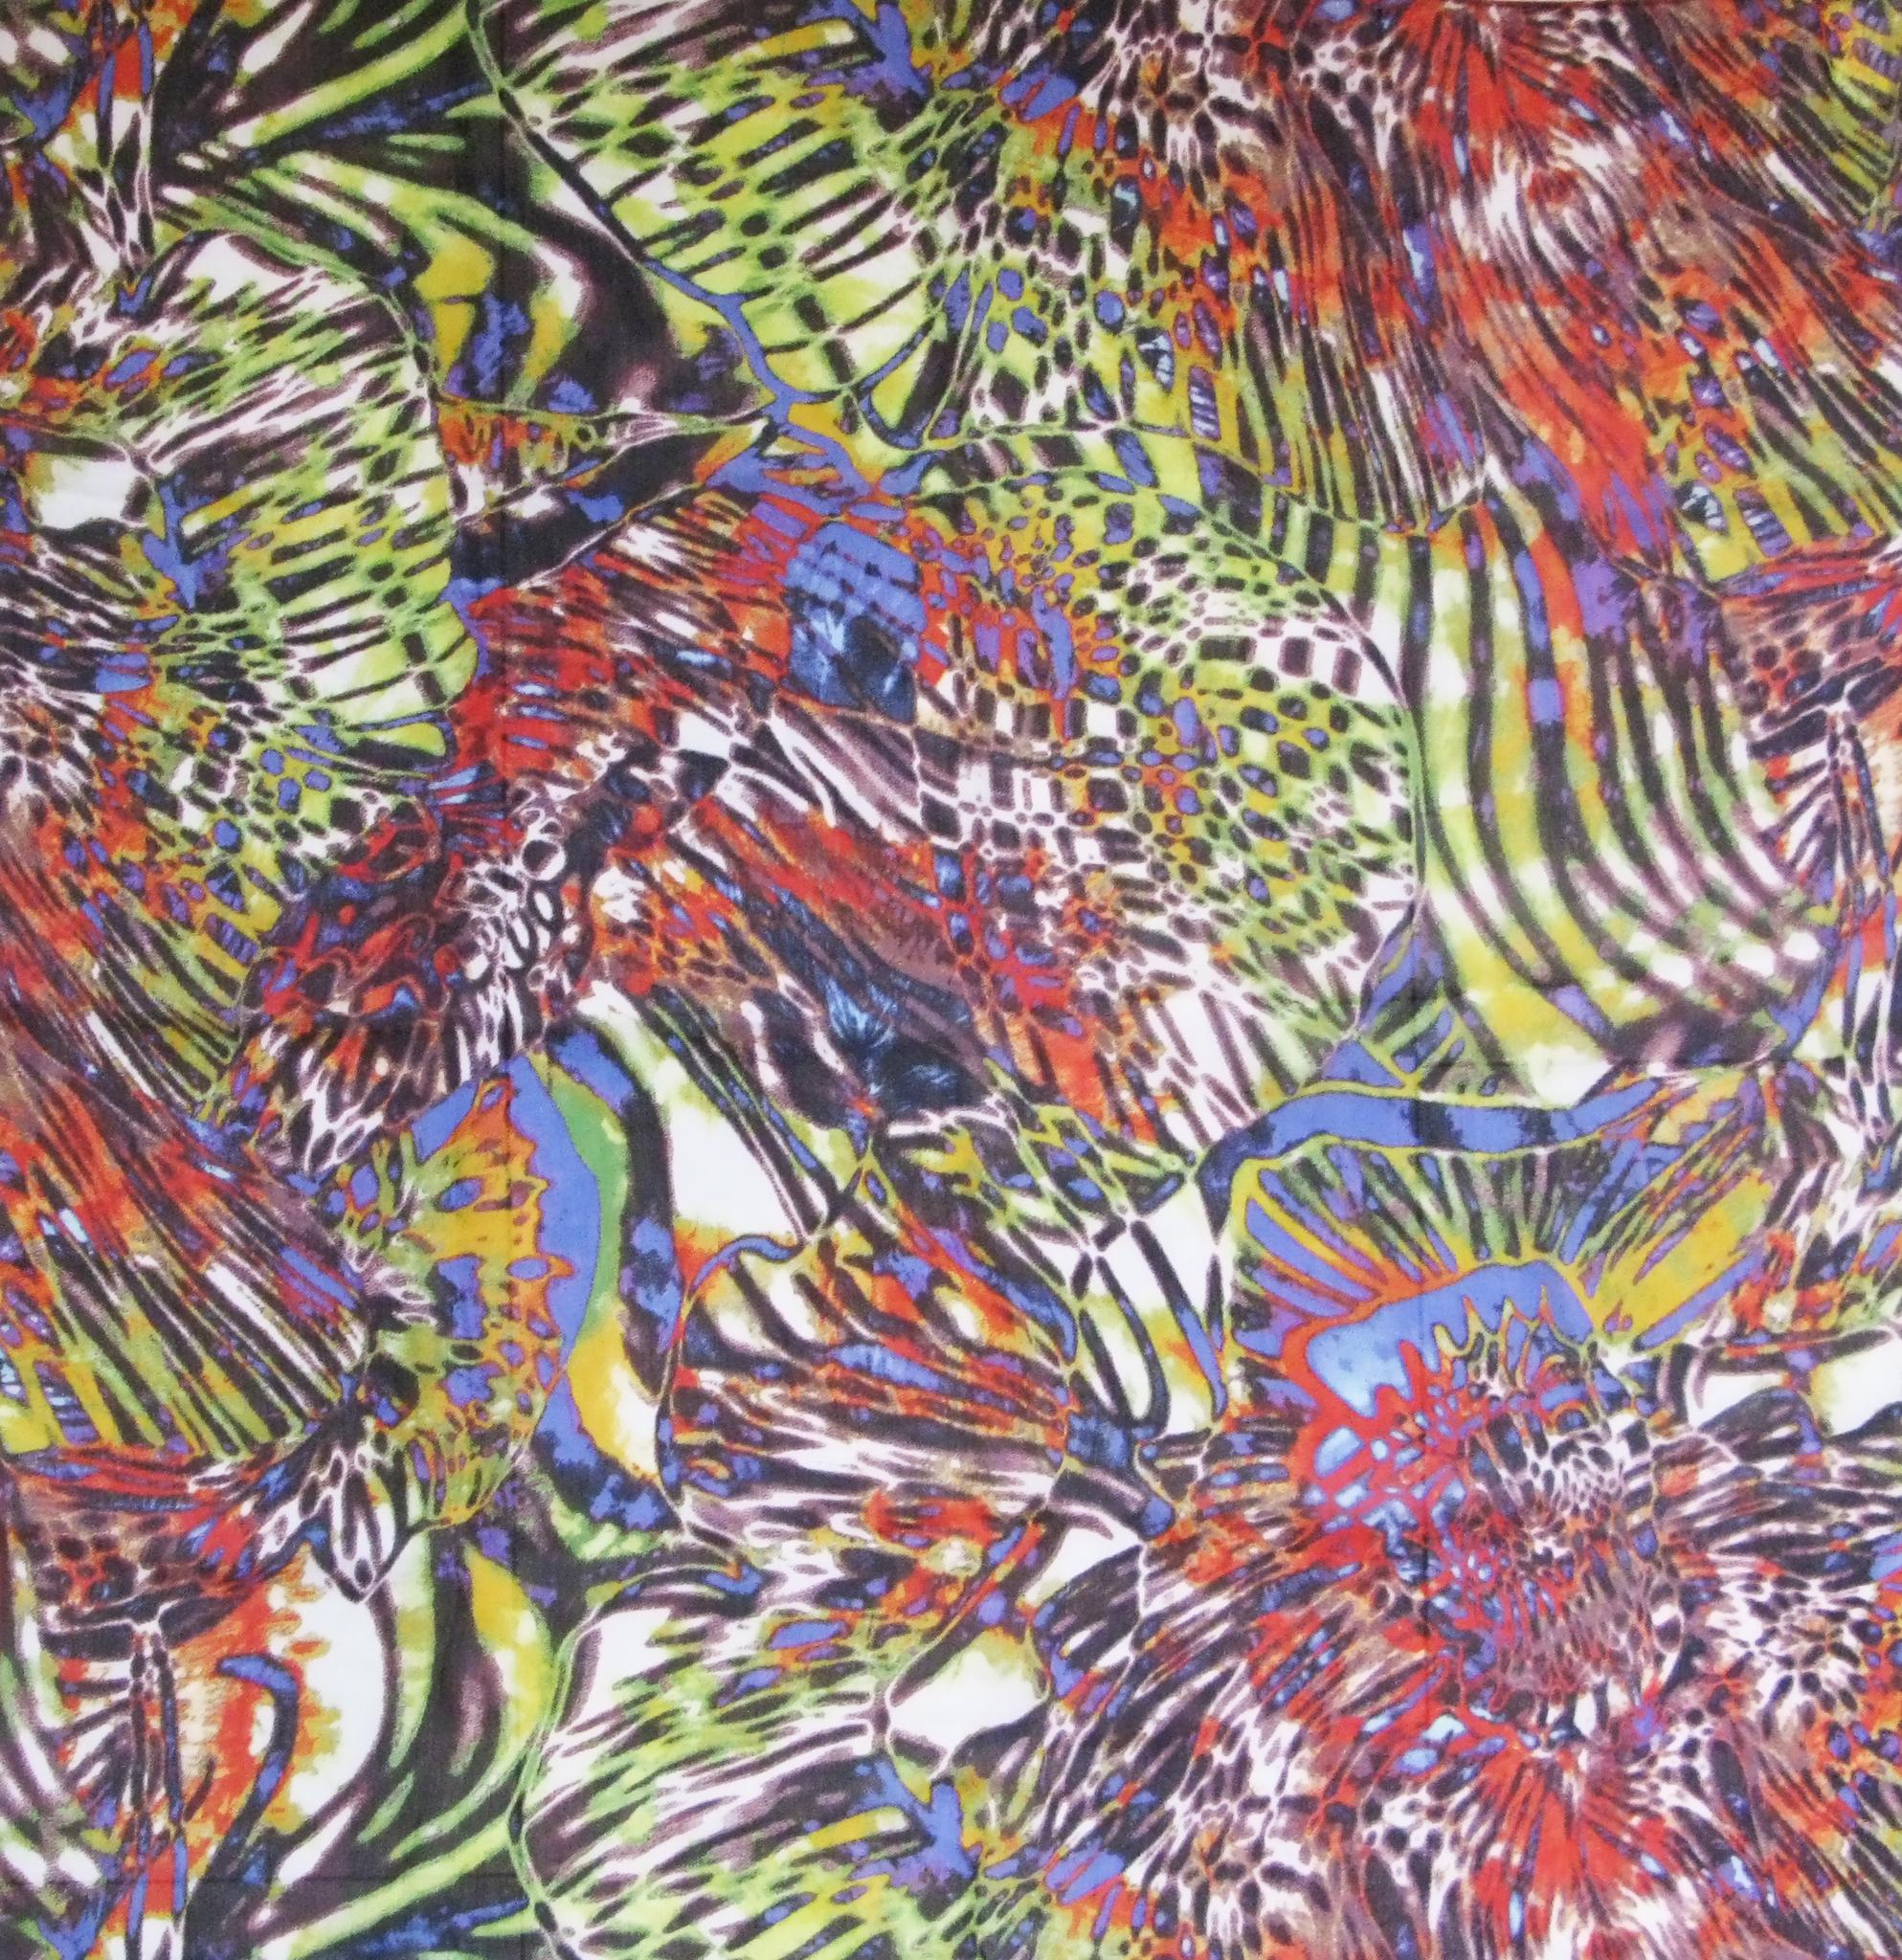 Платок У002-189 - Платок – изюминка вашего осеннего гардероба. Аркий анималистичный принт подойдет как для осеннего пальто, так и в сочетании с платьем или блузой. 100 %-ая вискоза привлекает своей мягкостью и гладкостью шелка, дышащими и впитывающими свойствами, яркостью и стойкостью цвета. В современное время очень сложно представить гардероб женщины без шарфа или платка. Правильно подобранный, он сделает любую женщину стильной.